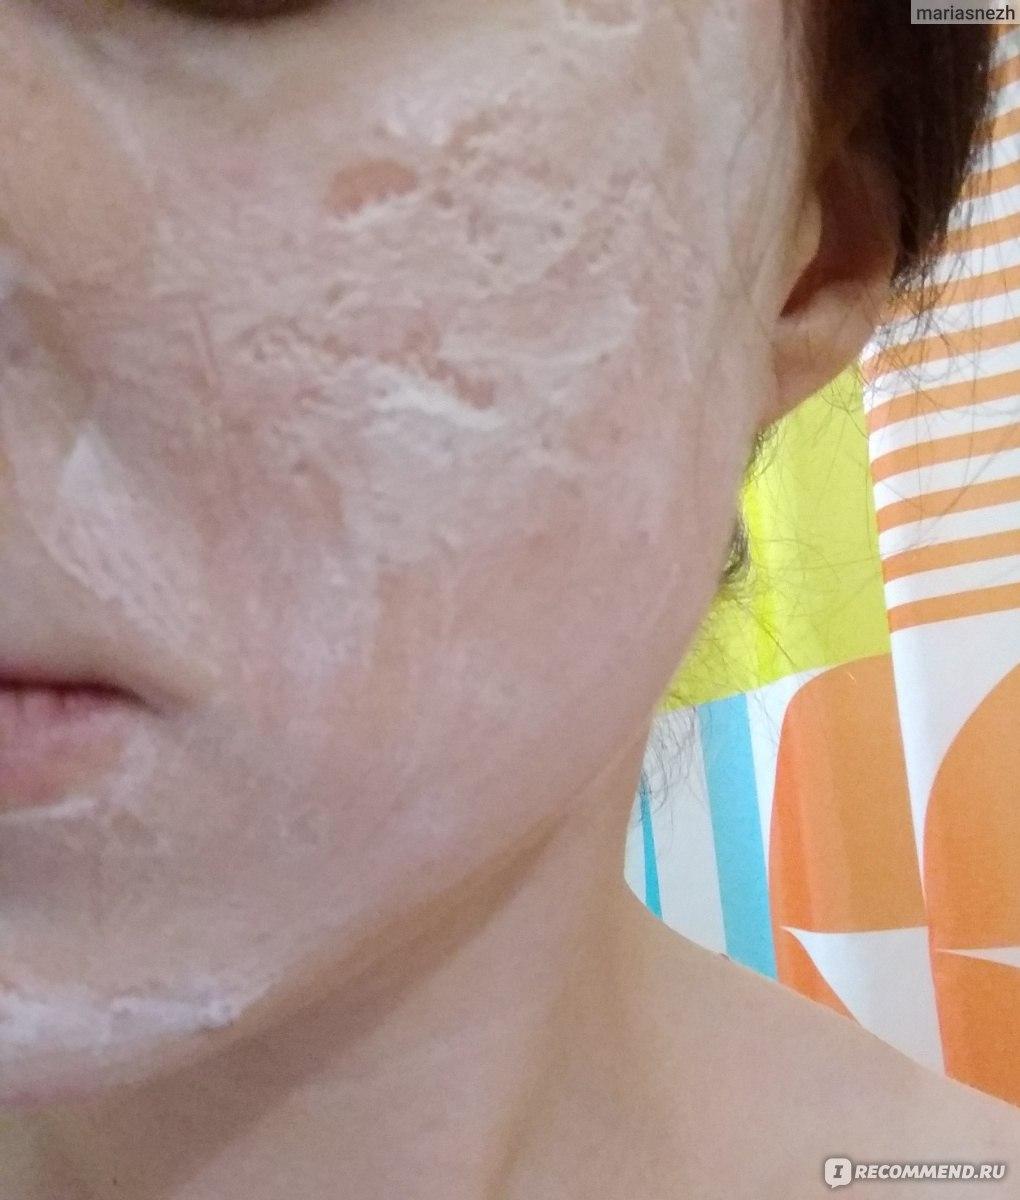 Атравматическая чистка кожи лица holy land, цена, отзывы, преимущества и недостатки